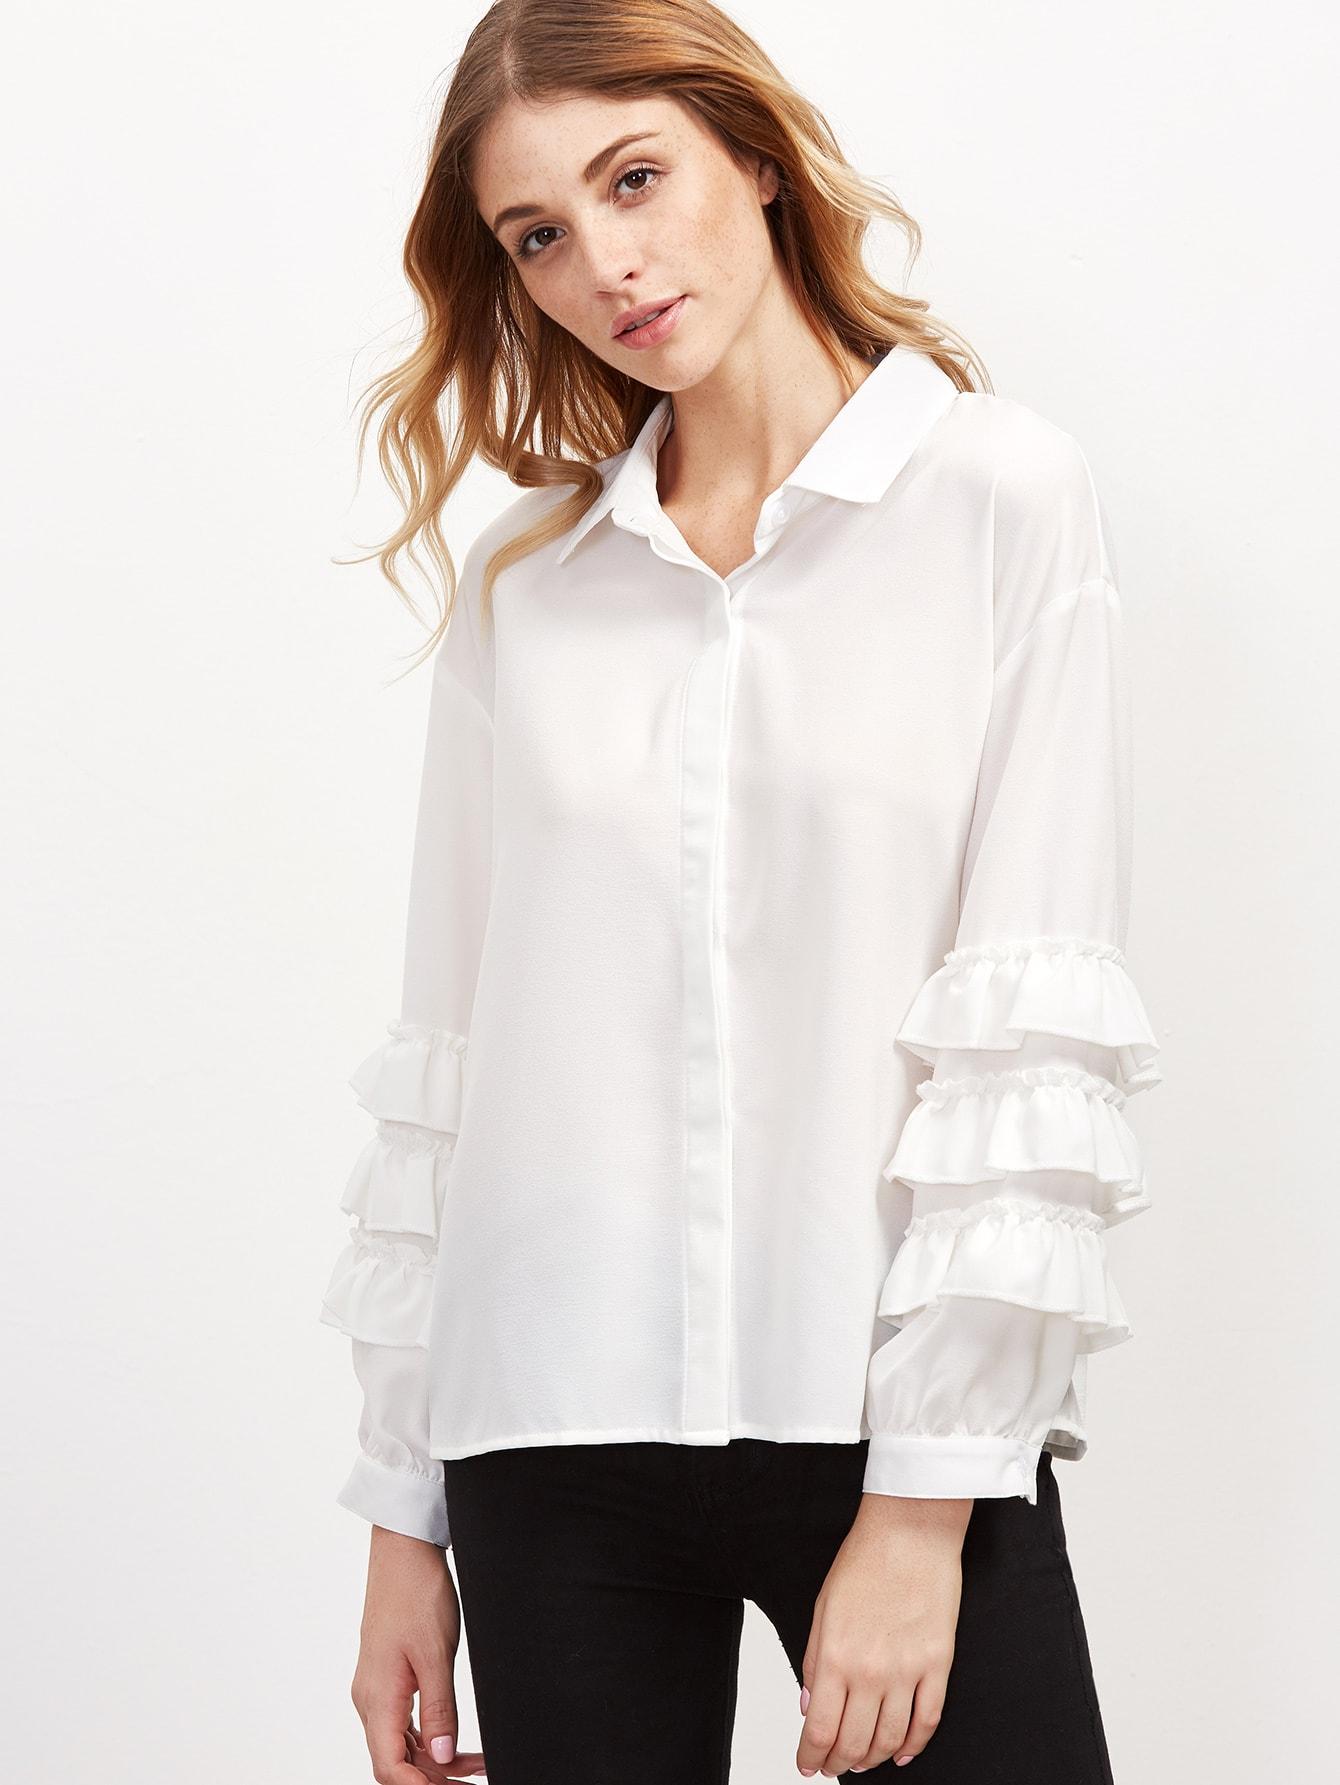 Модные Белые Блузки 2014